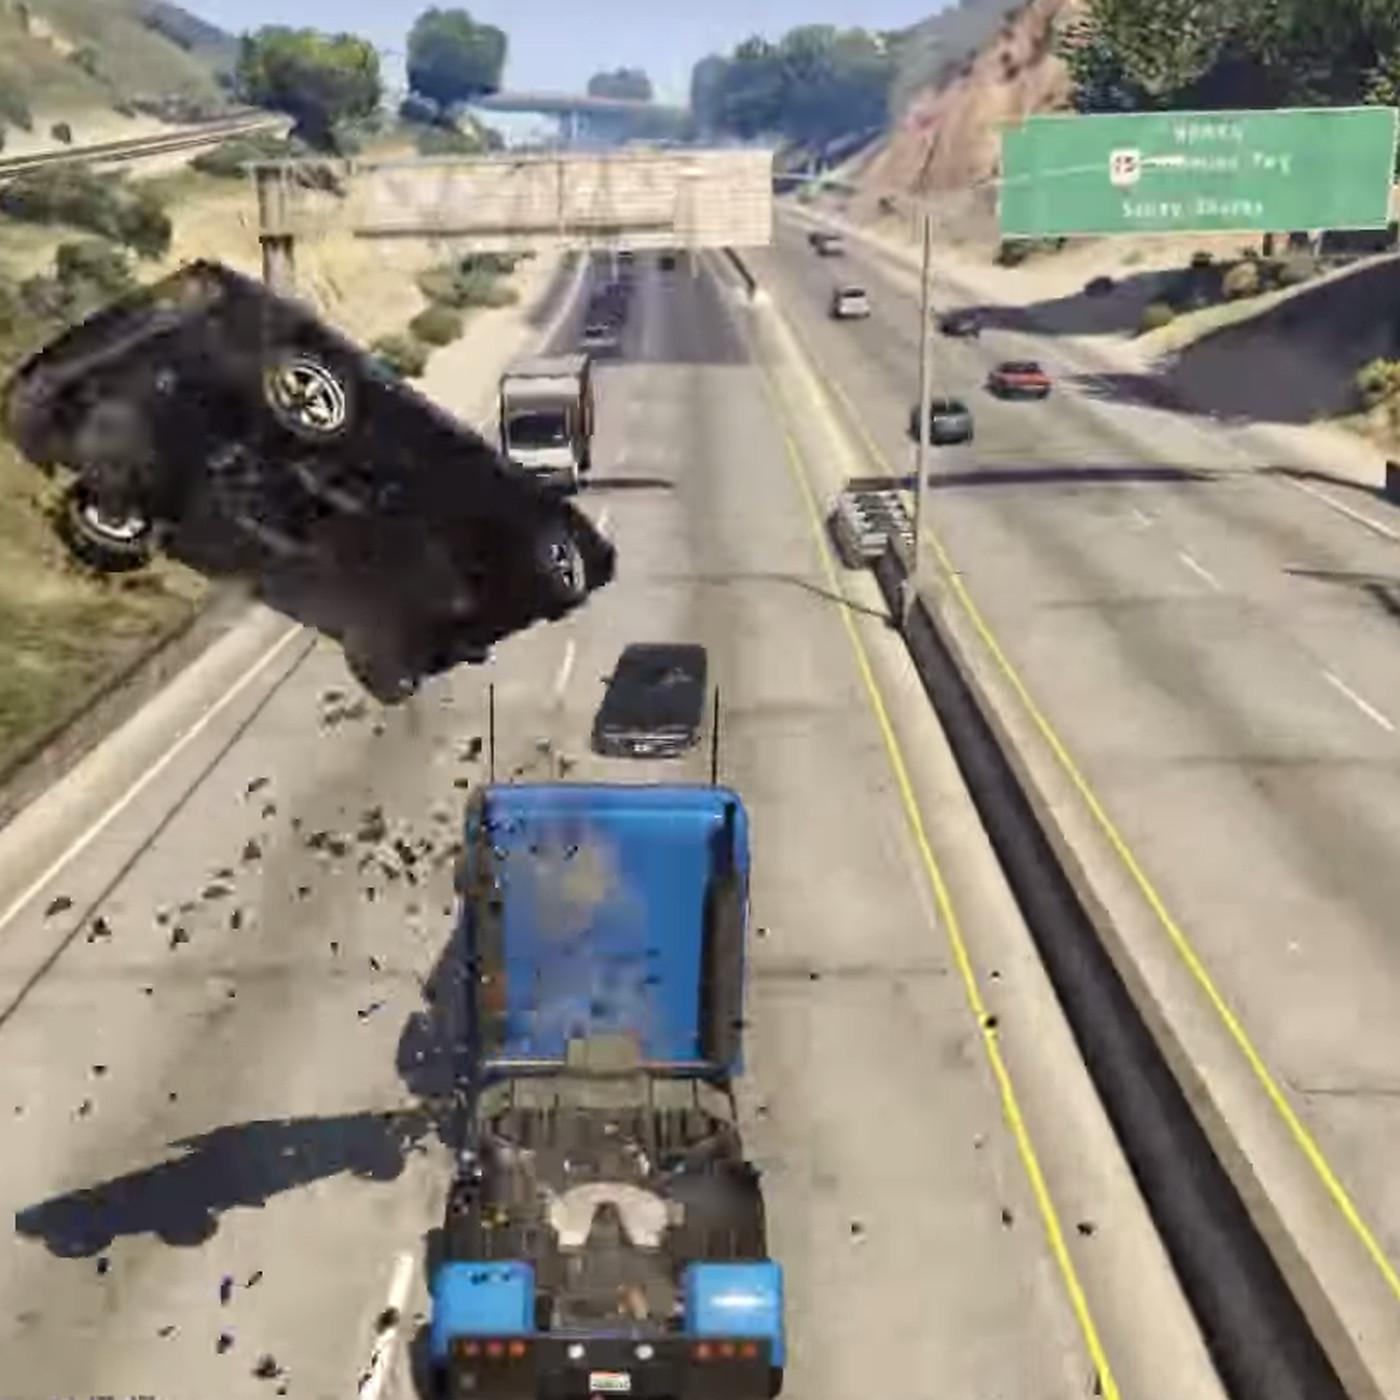 Semi truck + massive ramp = Grand Theft Auto 5's most